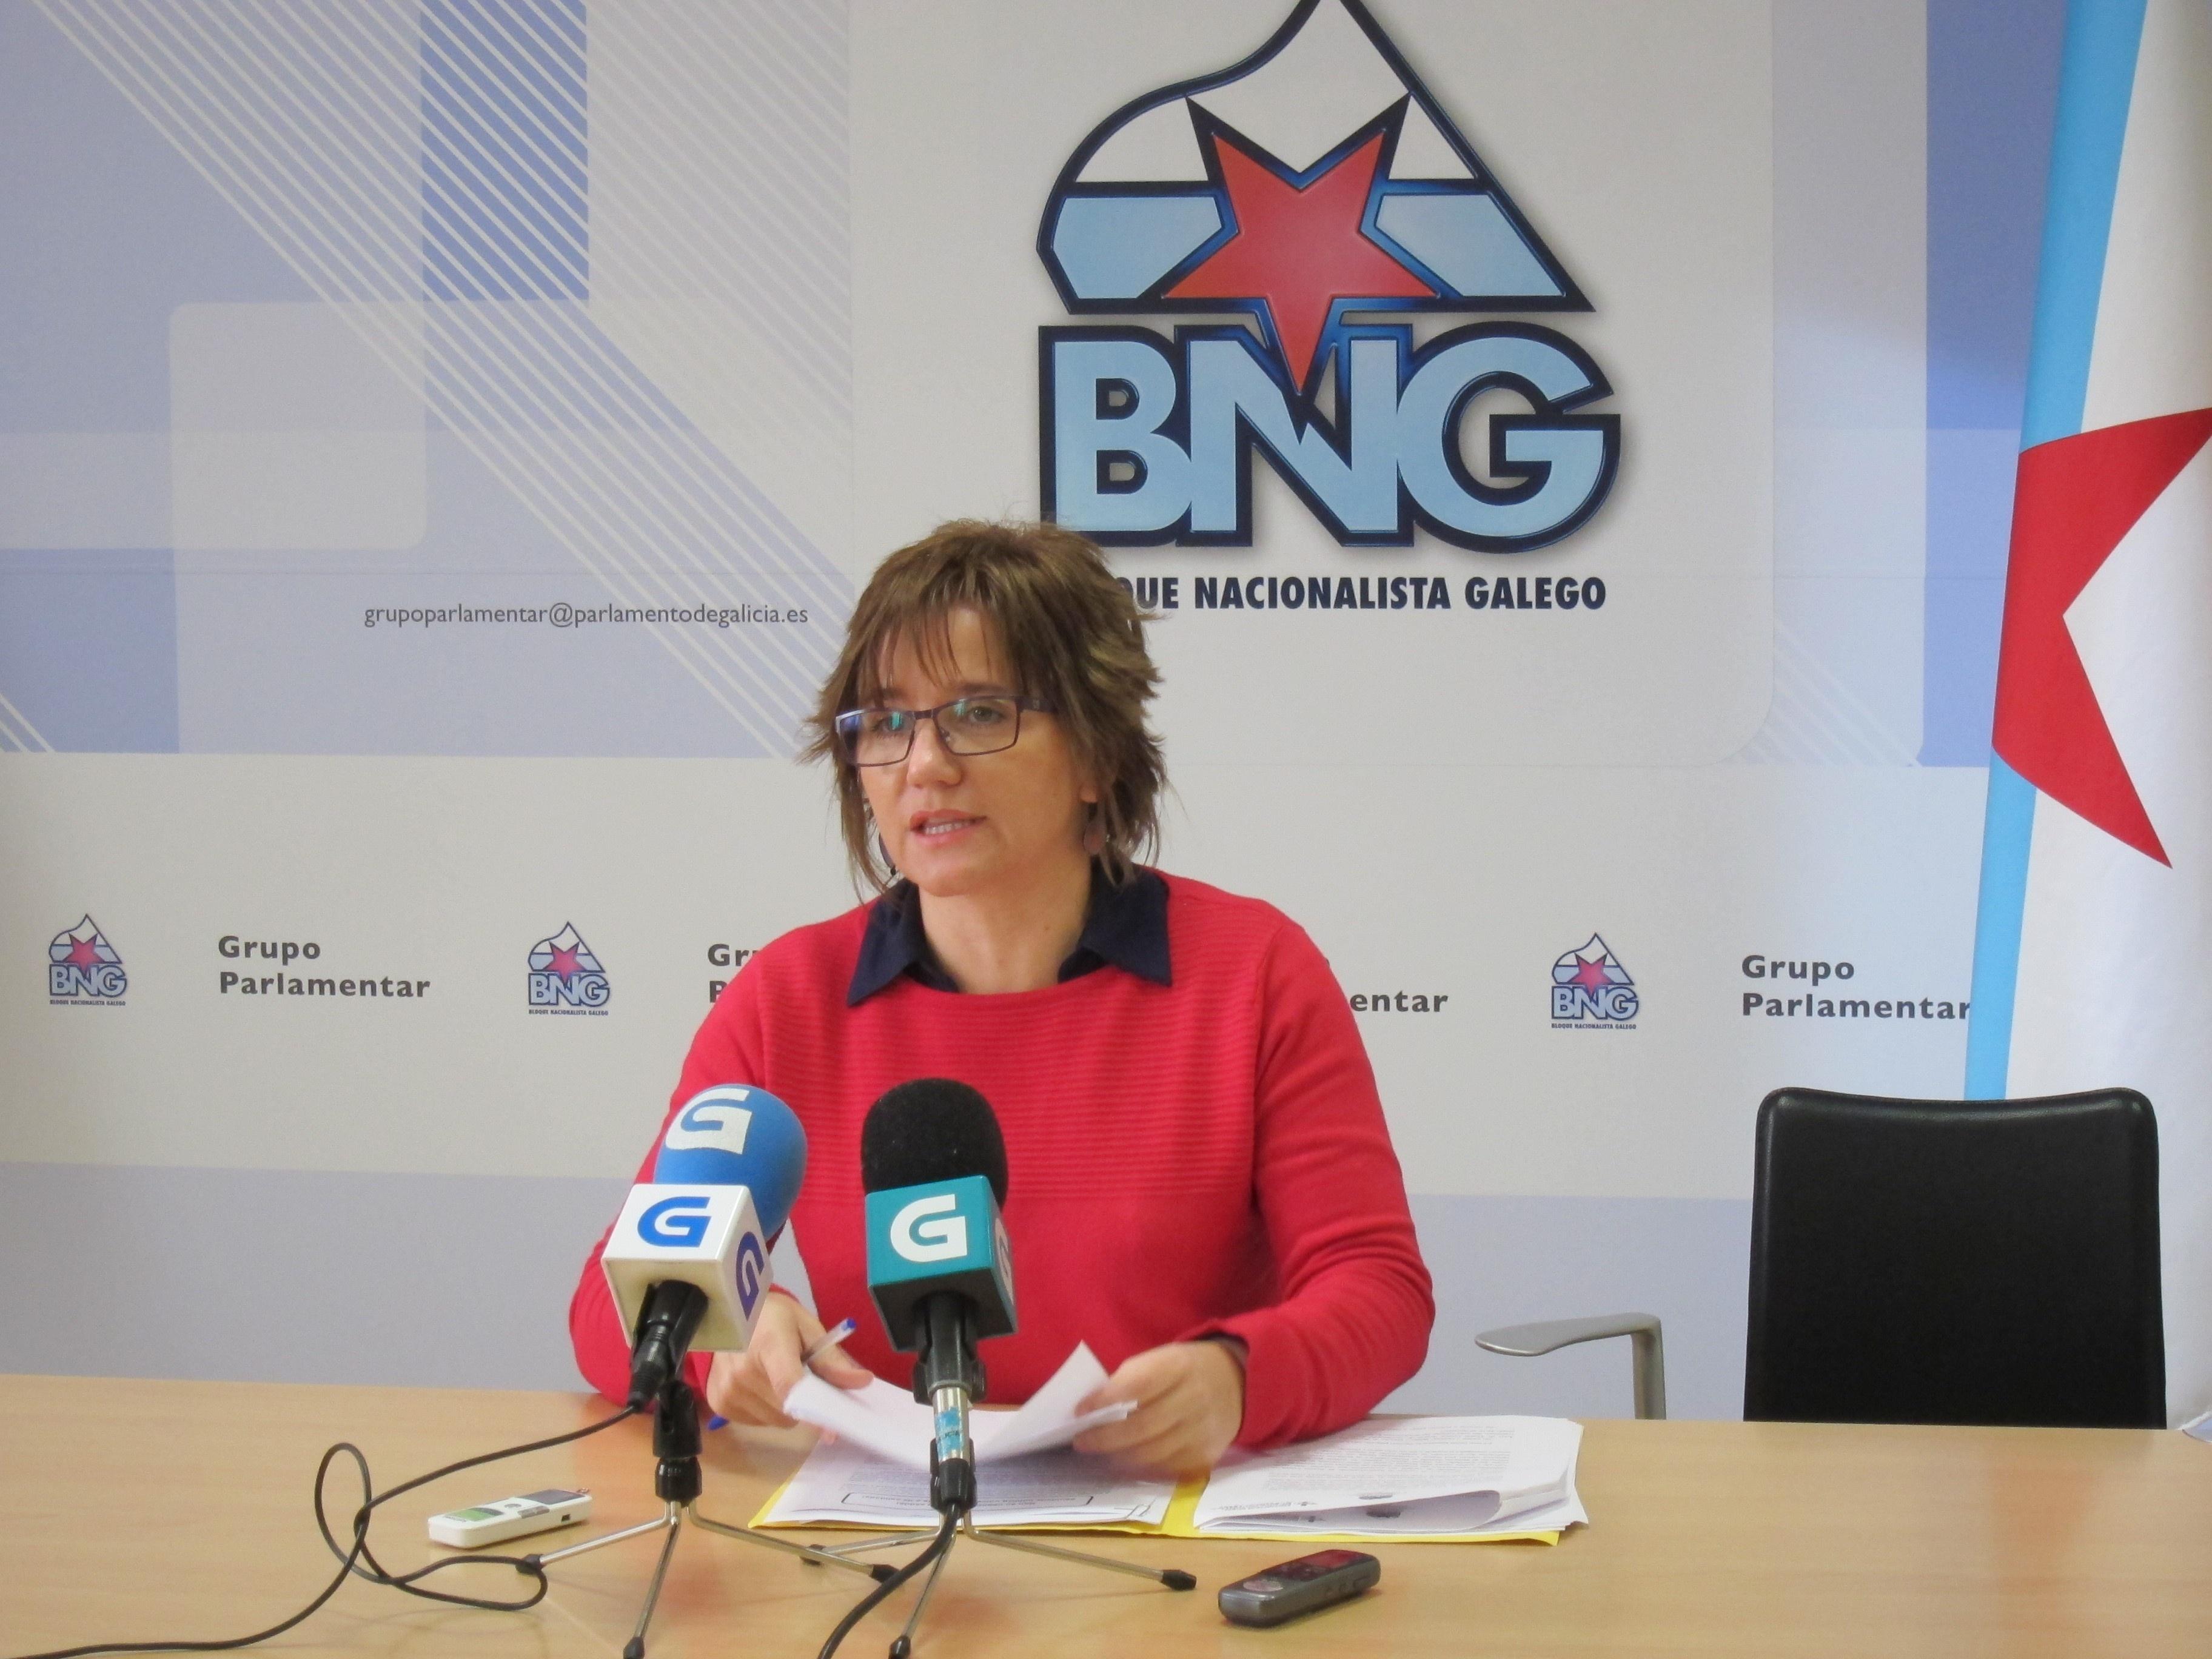 El BNG pide «retirar» el borrador de gestión clínica e iniciar un proceso de negociación con los profesionales